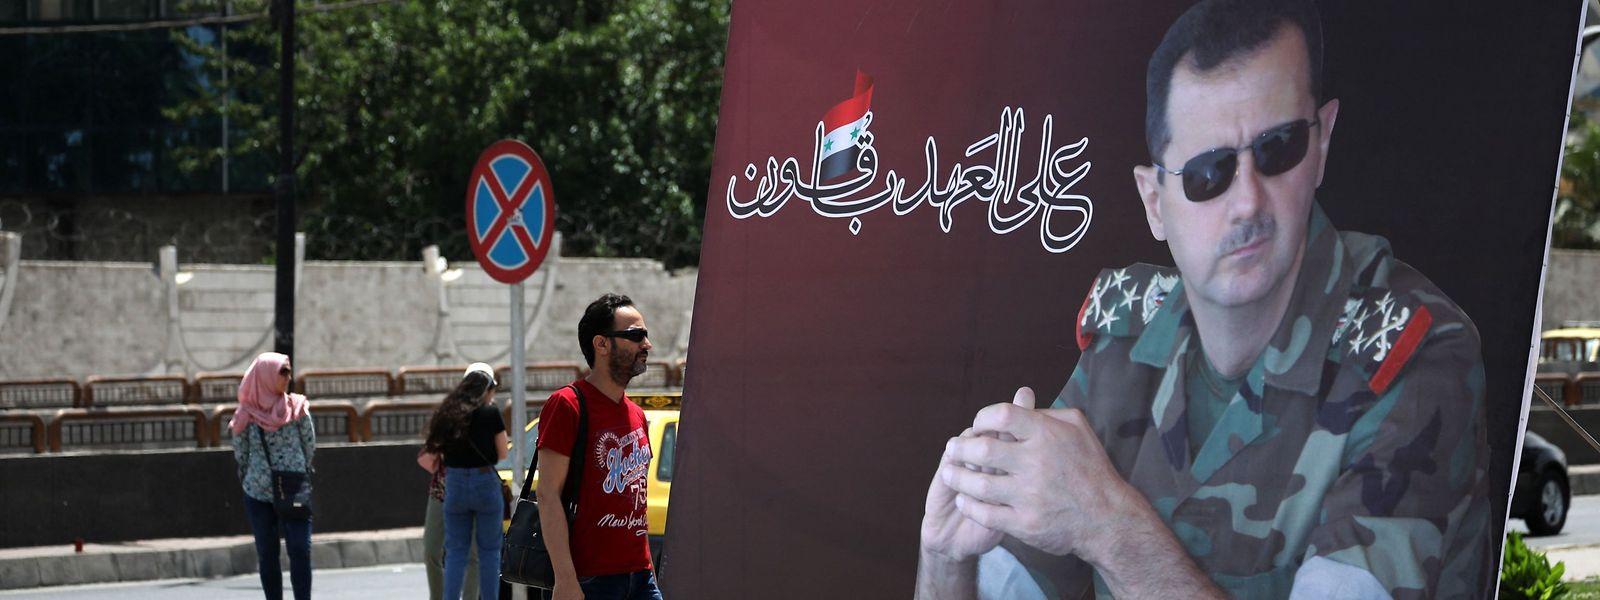 Der syrische Präsident Baschar al-Assad wird sich Ende Mai wiederwählen lassen.